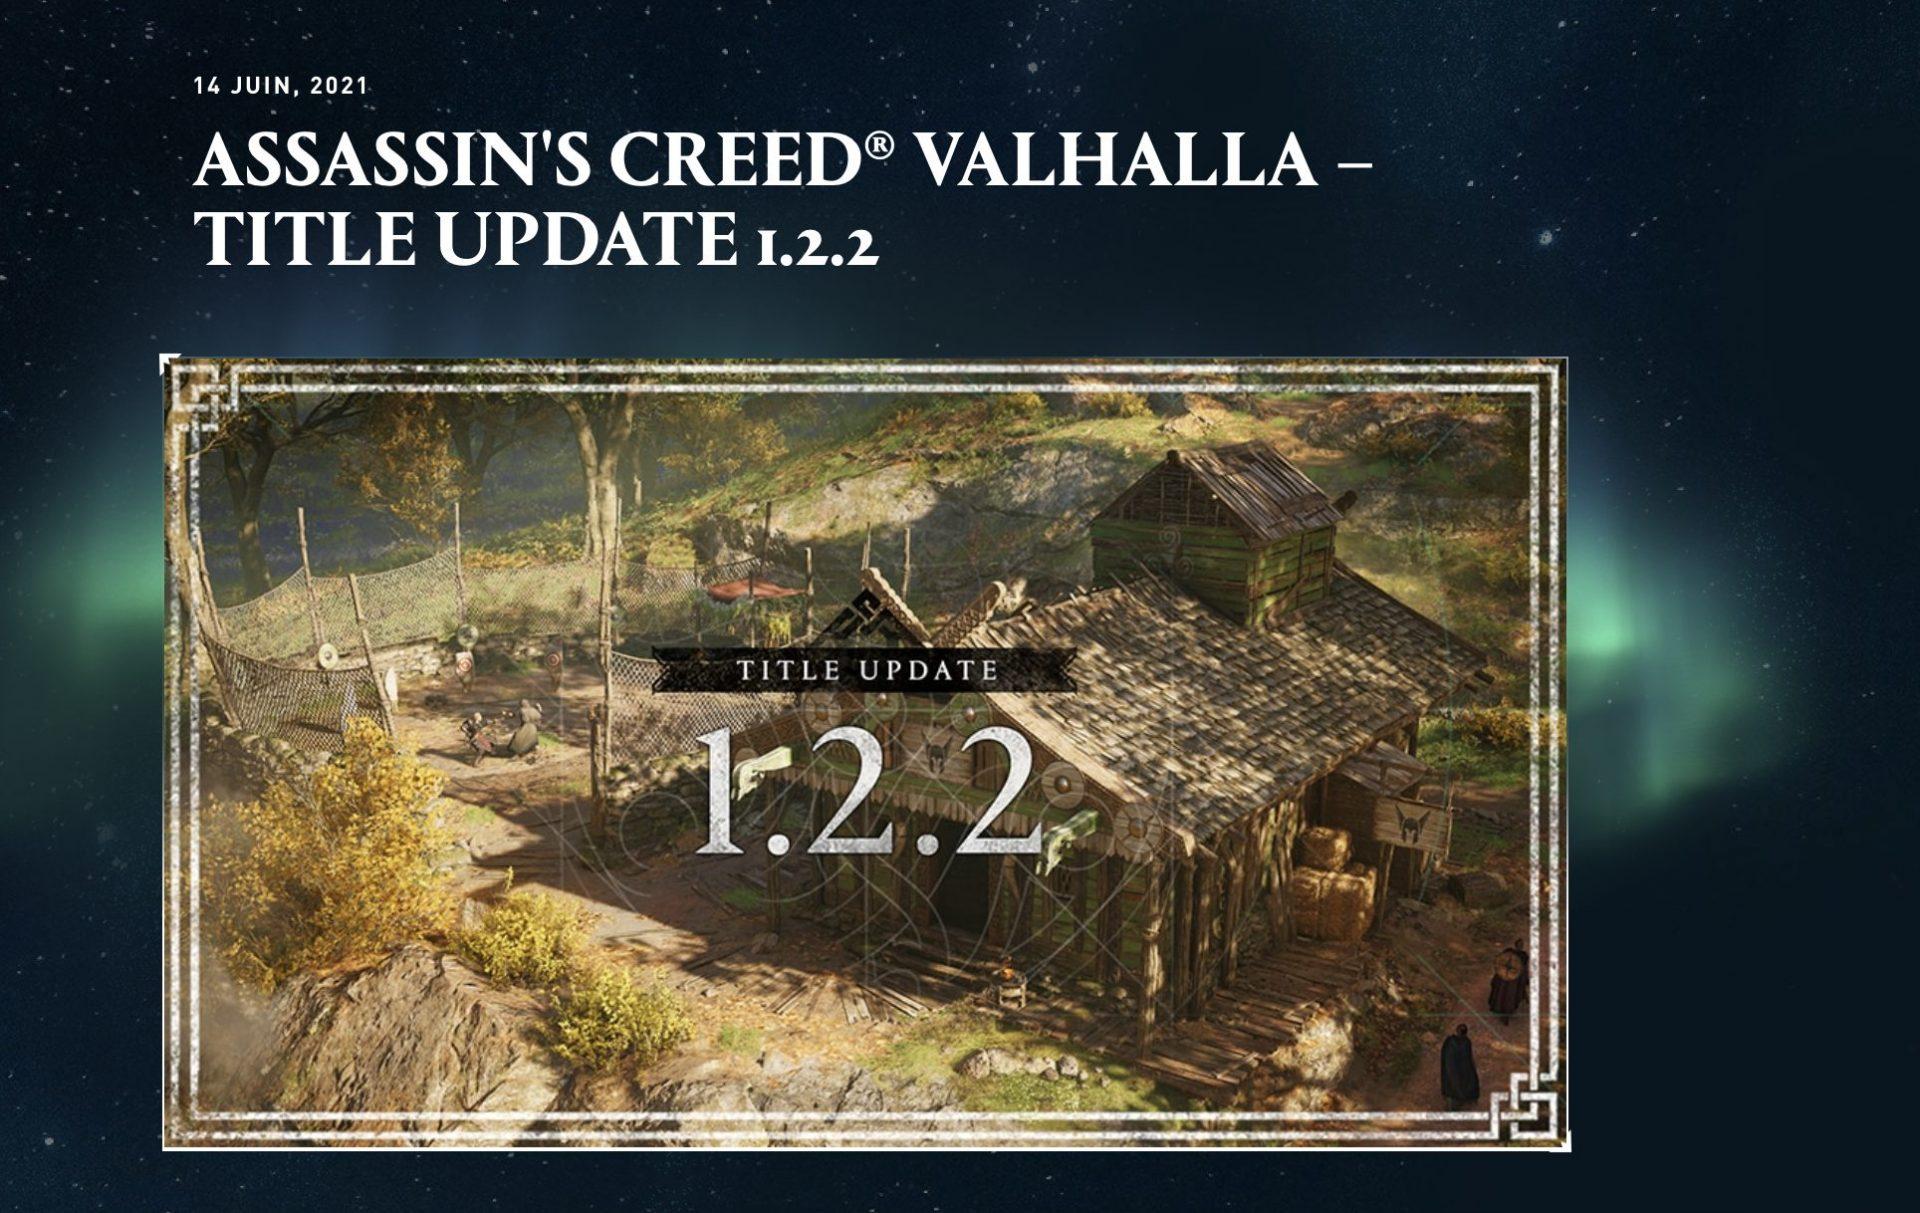 Assassin's Creed Valhalla : mise à jour 1.2.2